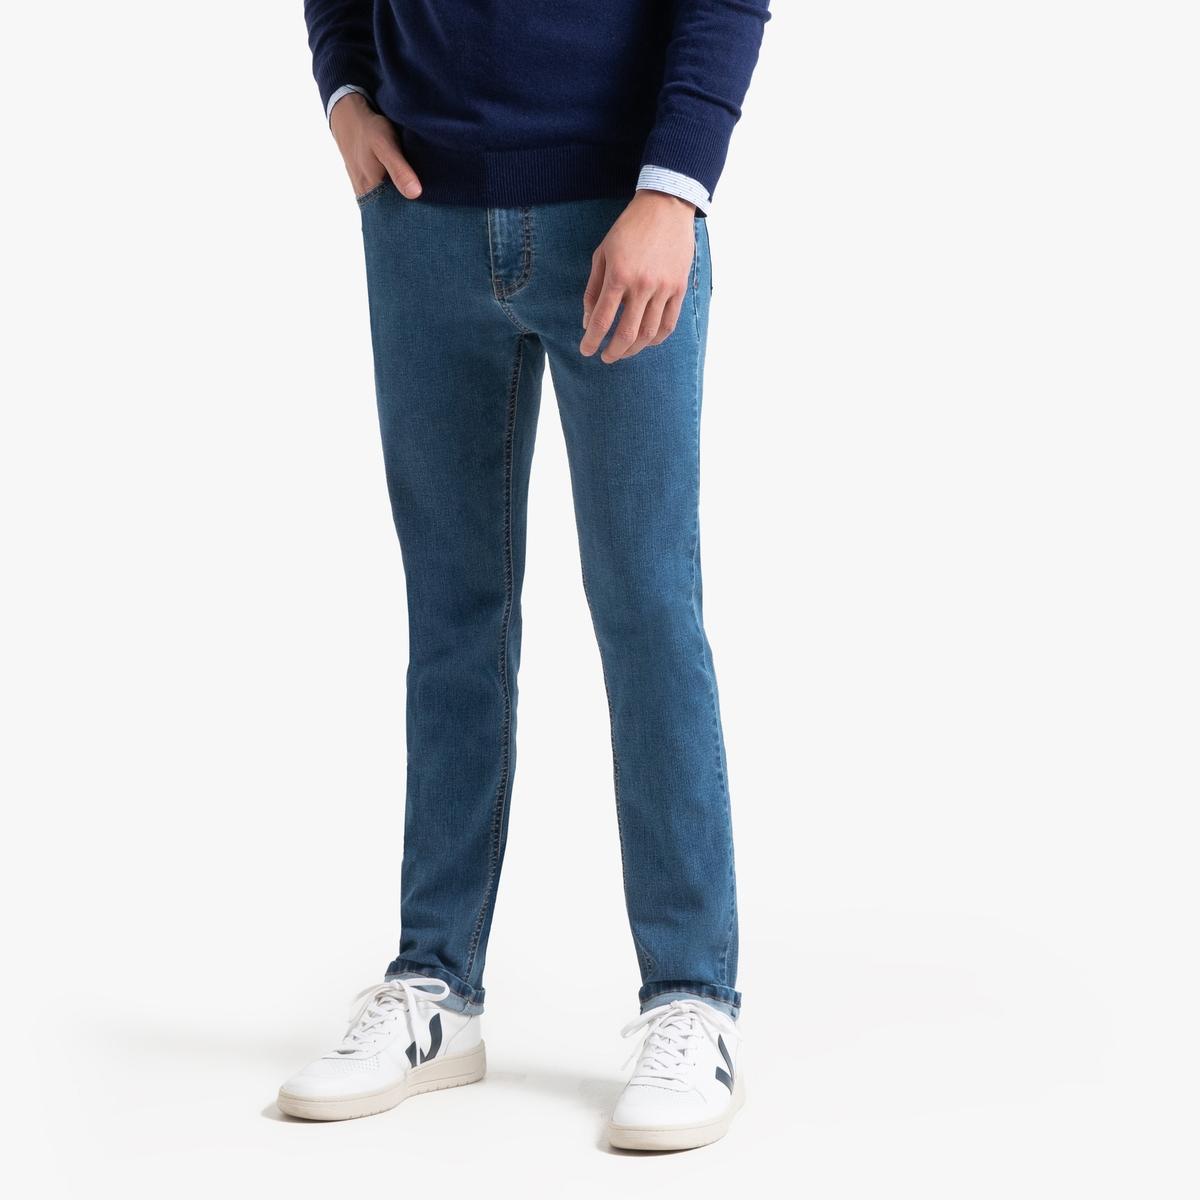 Джинсы La Redoute Узкие Flex 50 (FR) - 56 (RUS) синий брюки la redoute узкие дудочки с жаккардовым рисунком 50 fr 56 rus черный